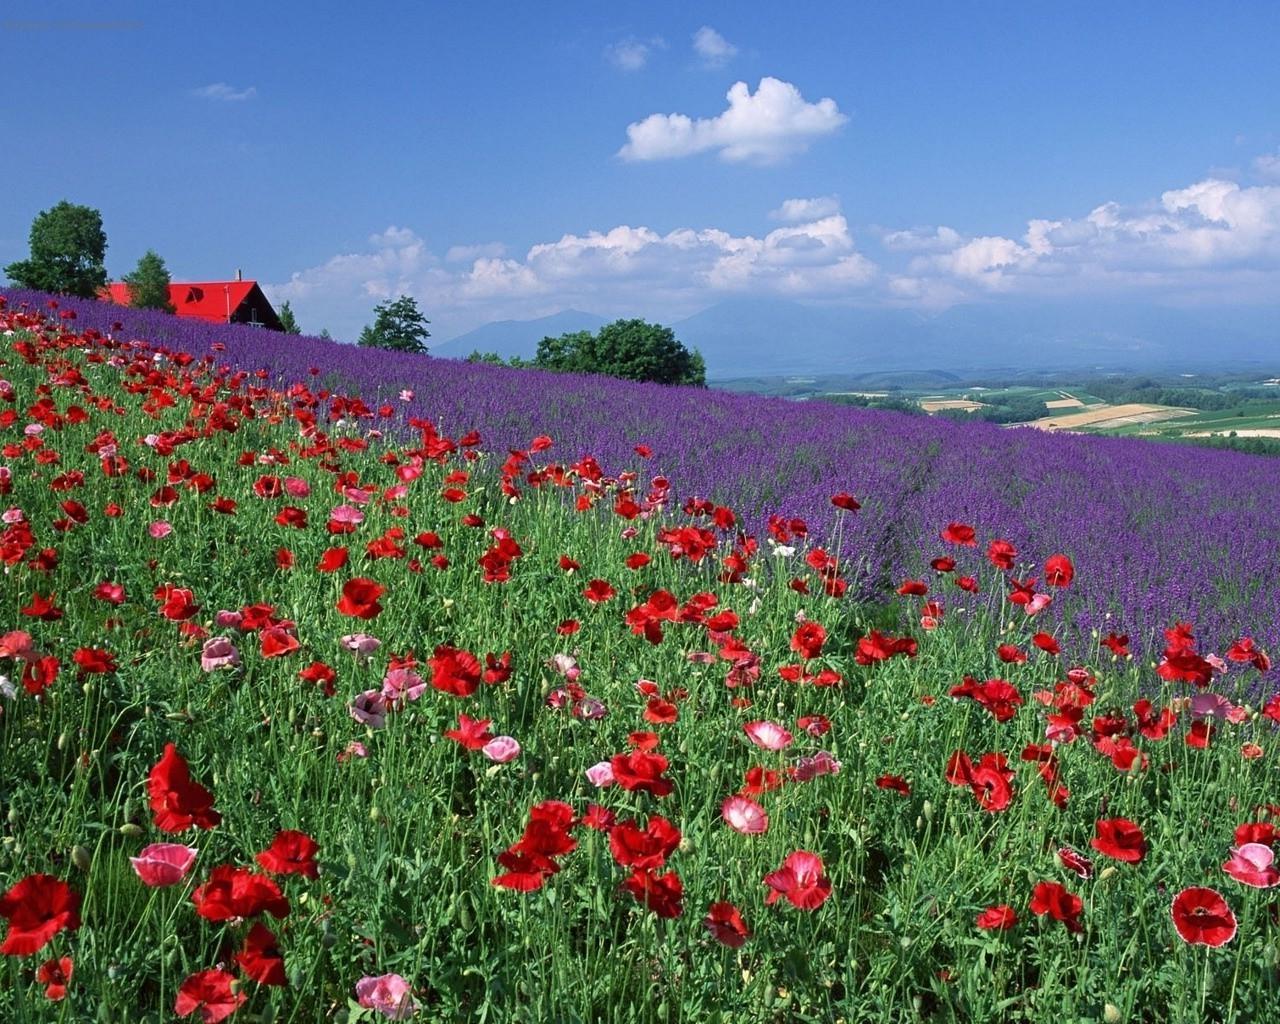 La Cigale qui fourmillait d'idées  - Page 3 1280x1024_px_field_flowers_landscape_Lavender_Poppies-709956